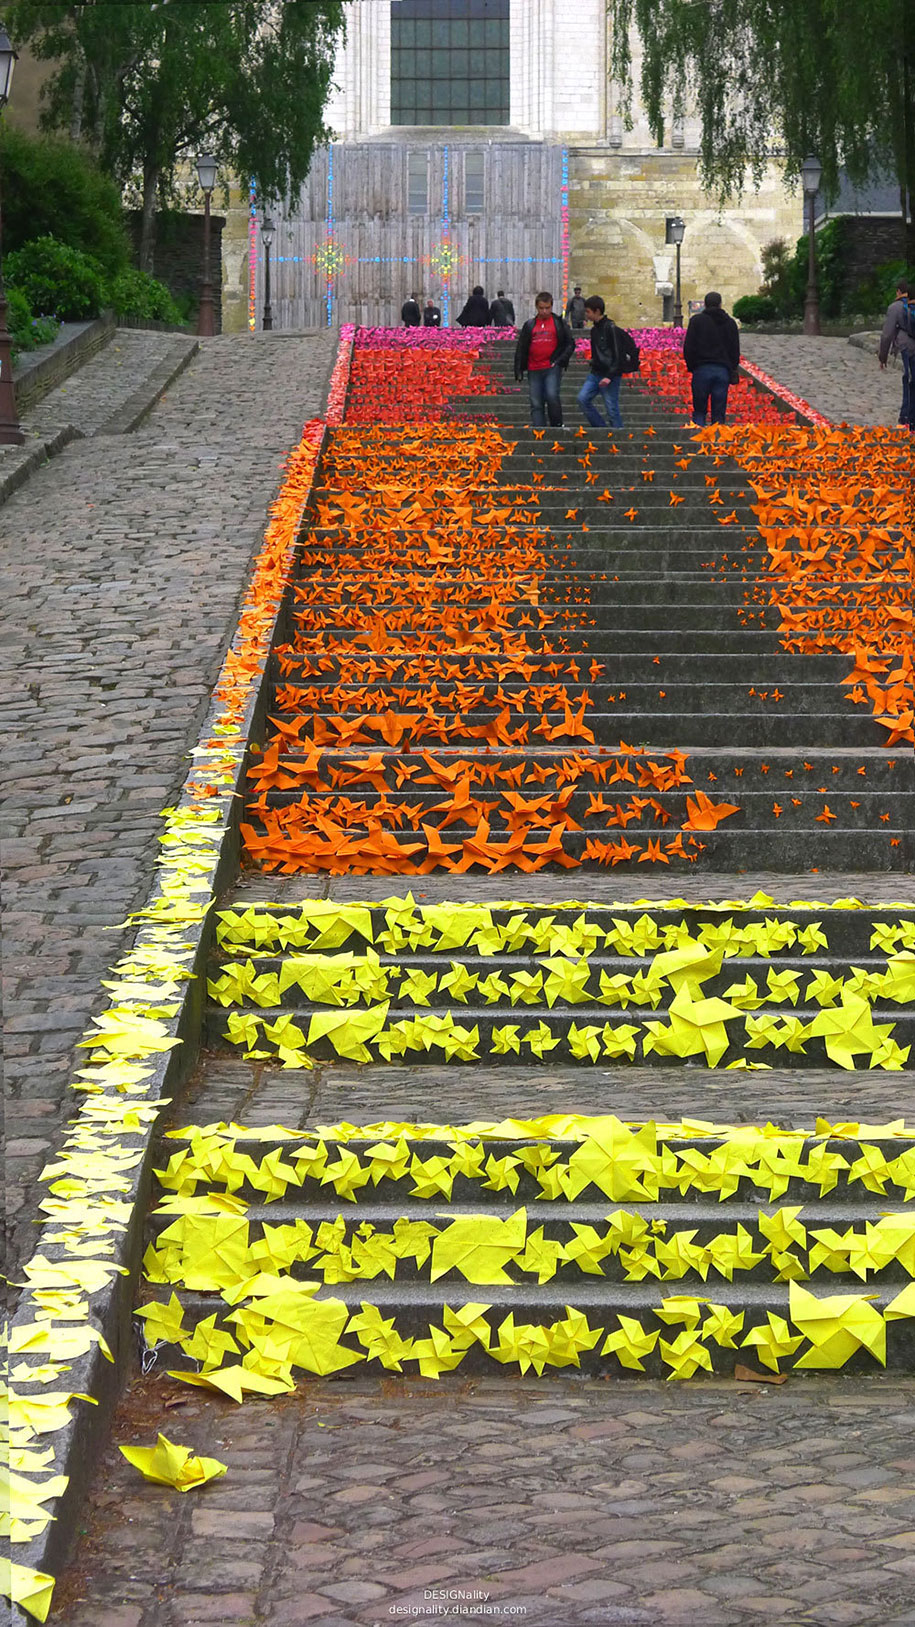 Картины и картинки - Страница 7 Creative-beautiful-steps-stairs-street-art-18